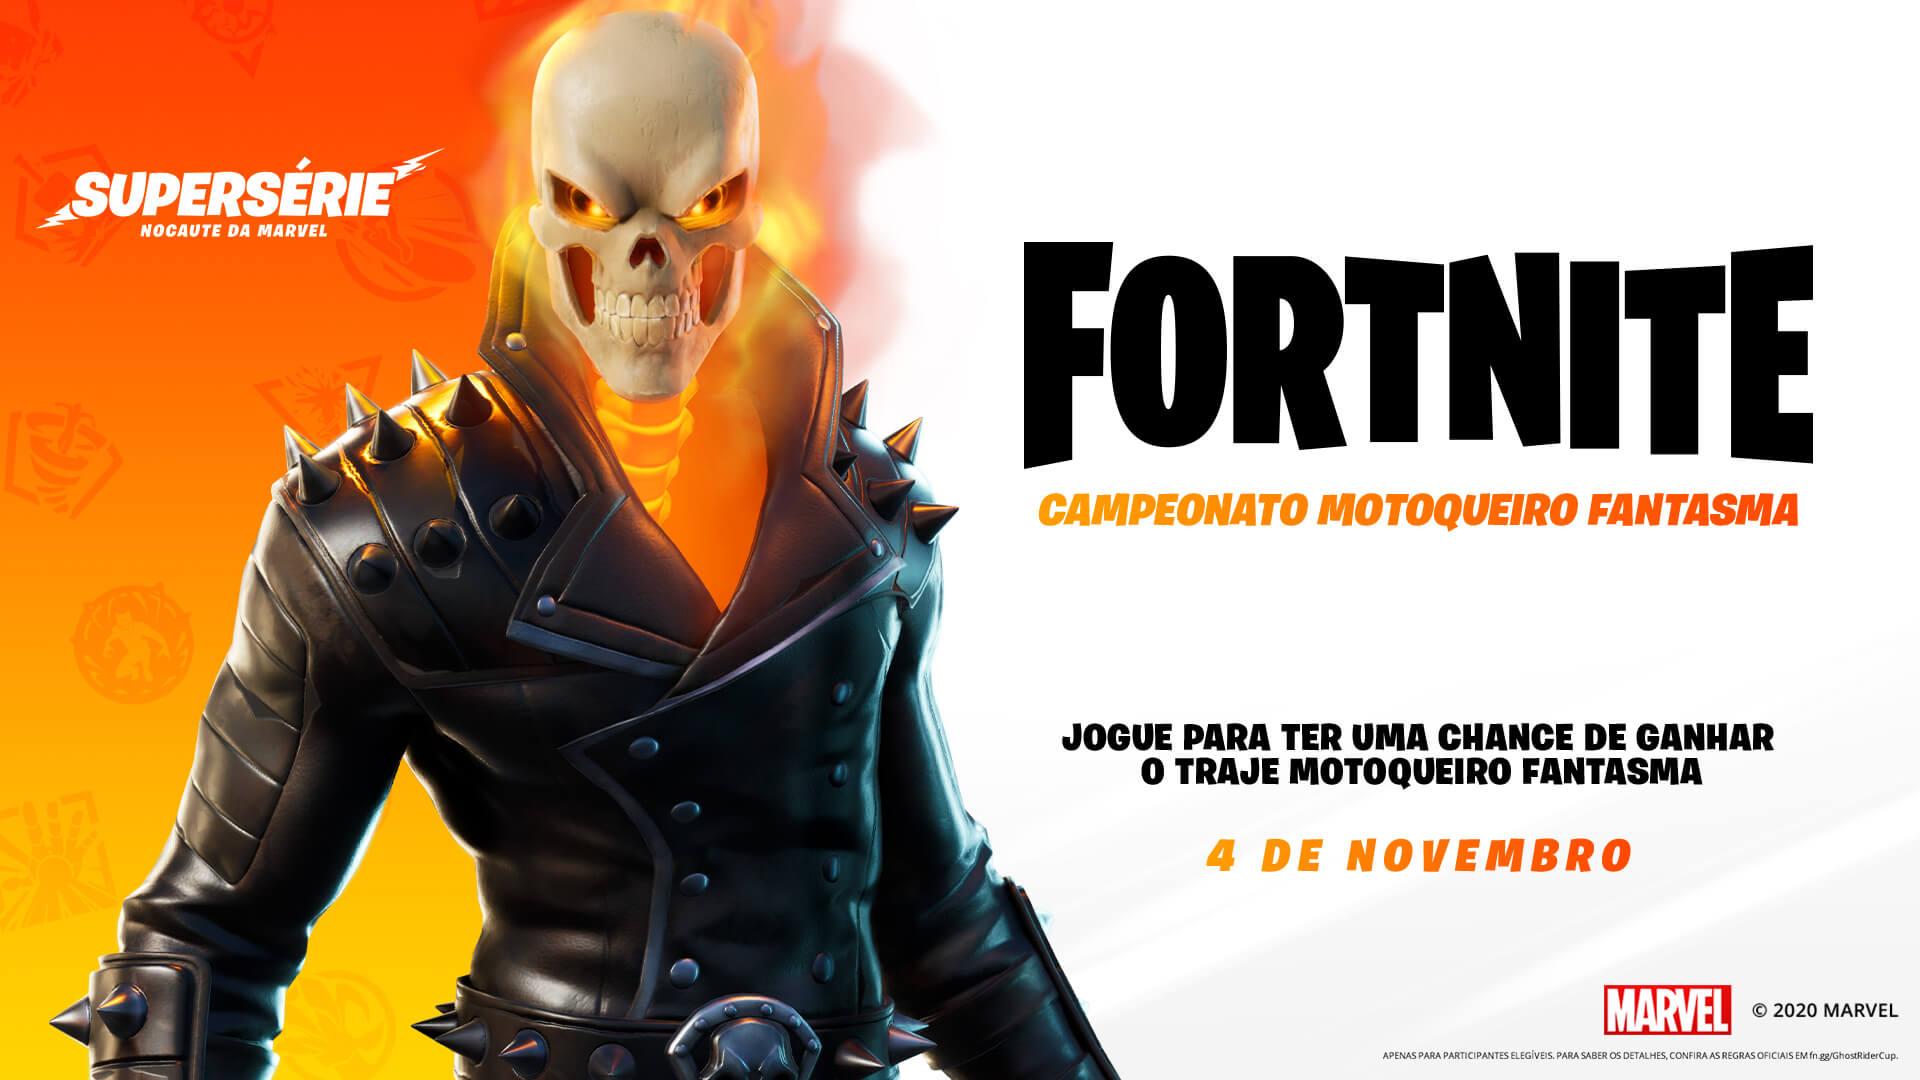 Motoqueiro Fantasma Fortnite